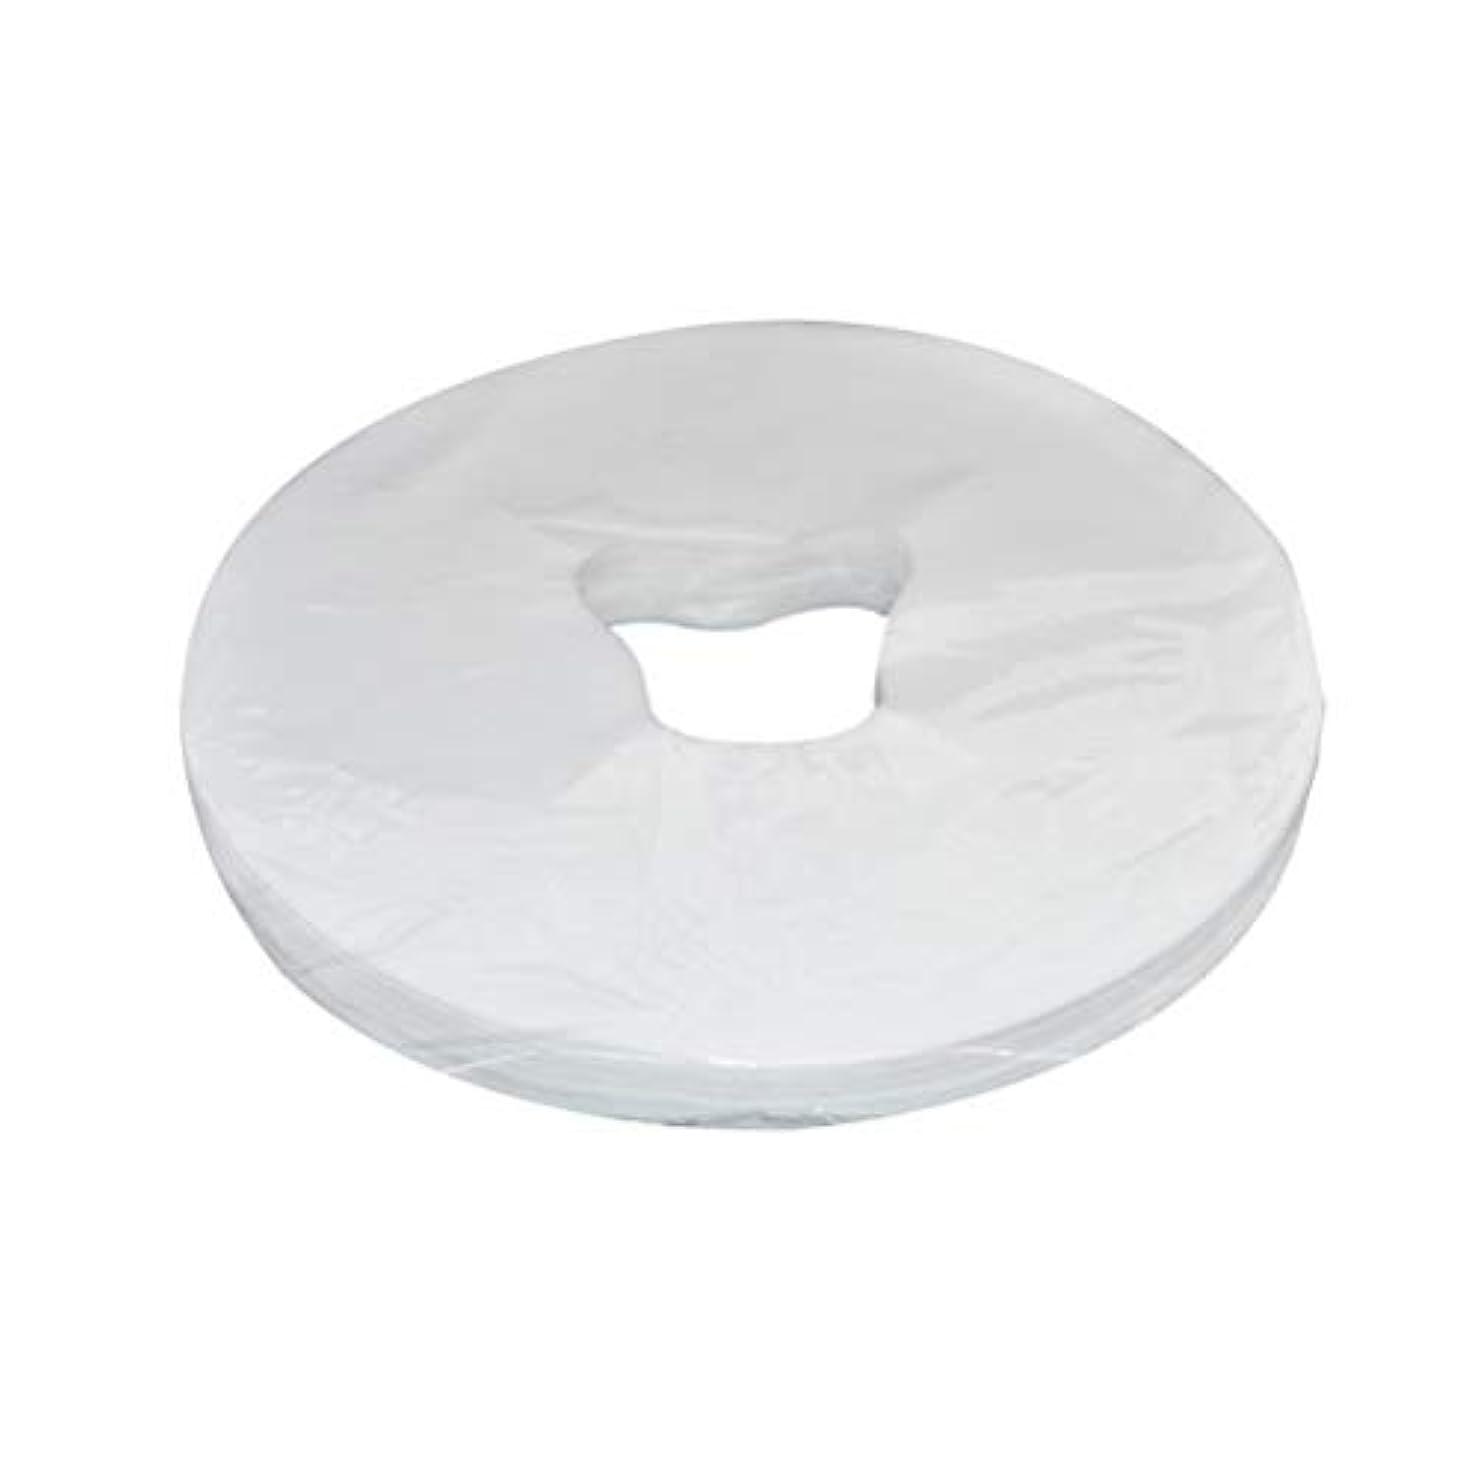 今日ルームクモHealifty 100シート無織布巾 使い捨て マッサージフェイスピローカバー フェイスカバー ヘッドレストピローシート(ホワイト)